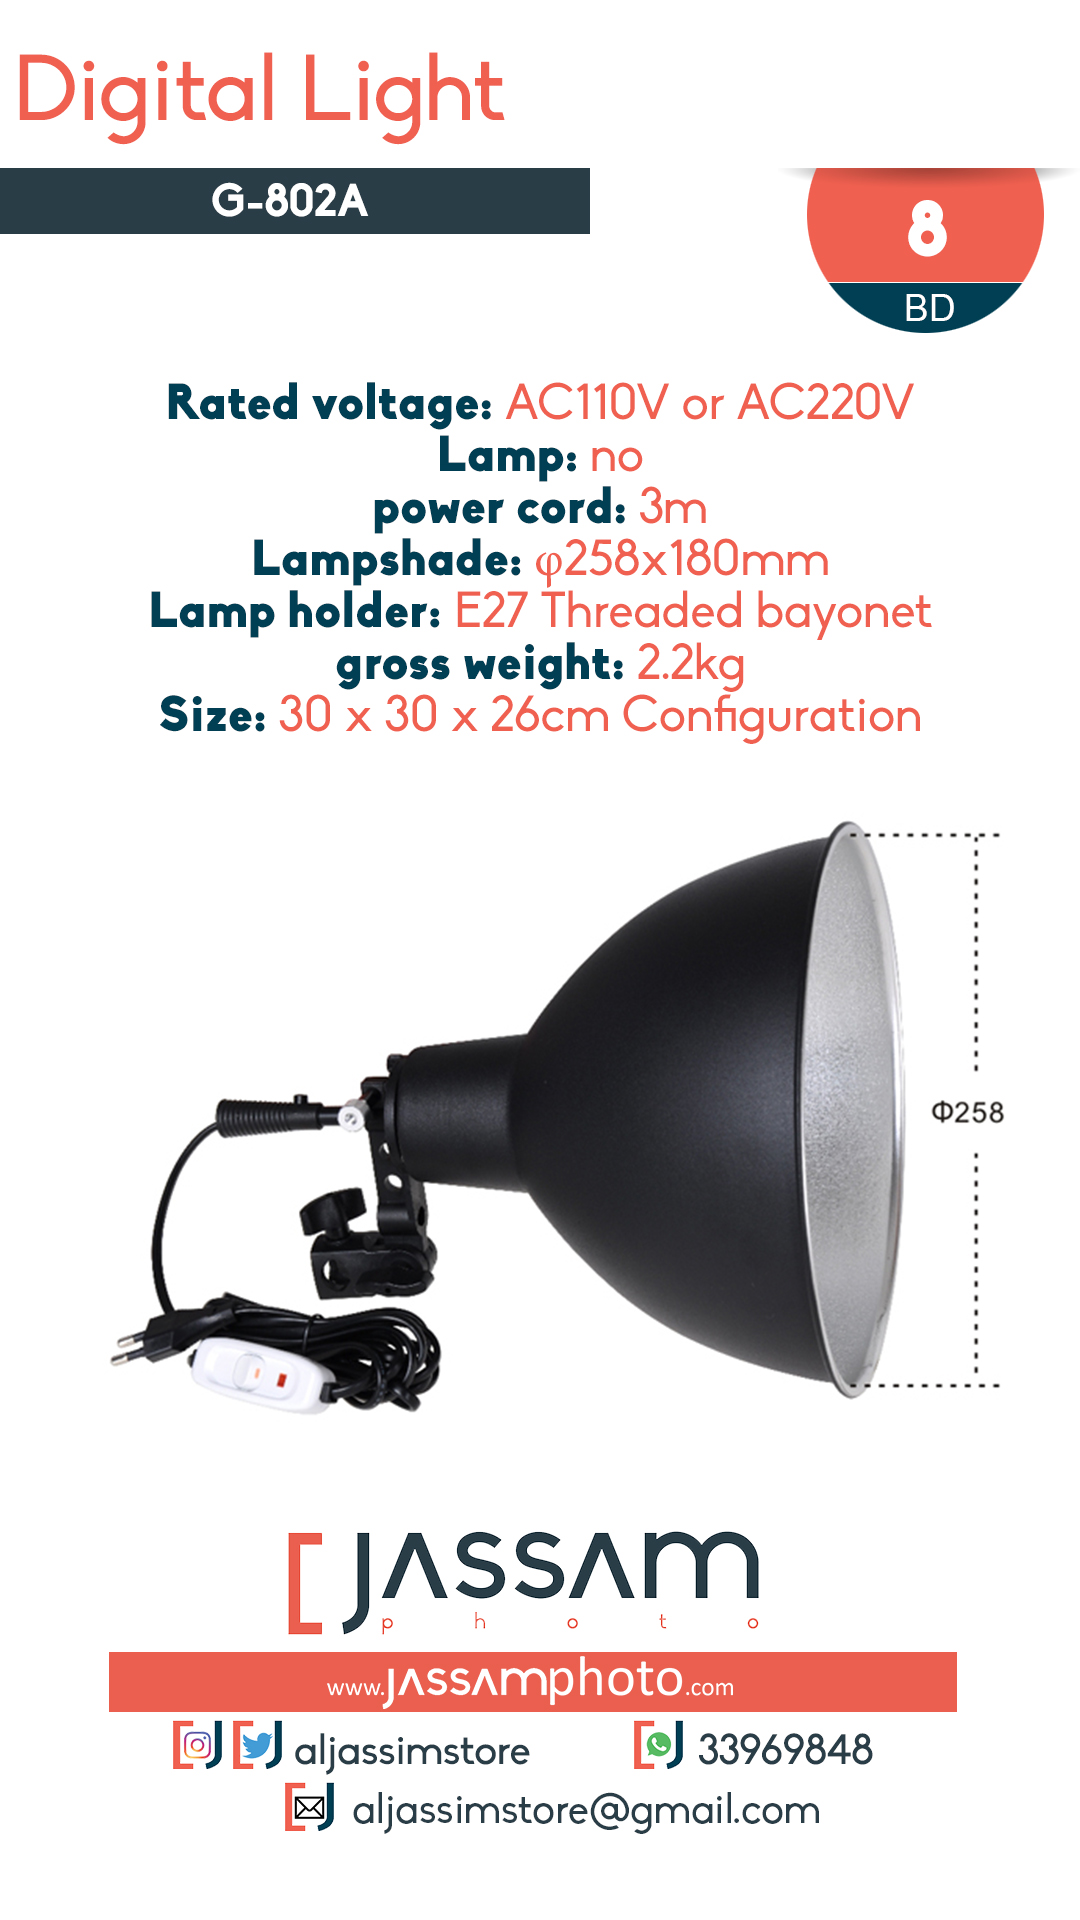 Digital Light G-802A